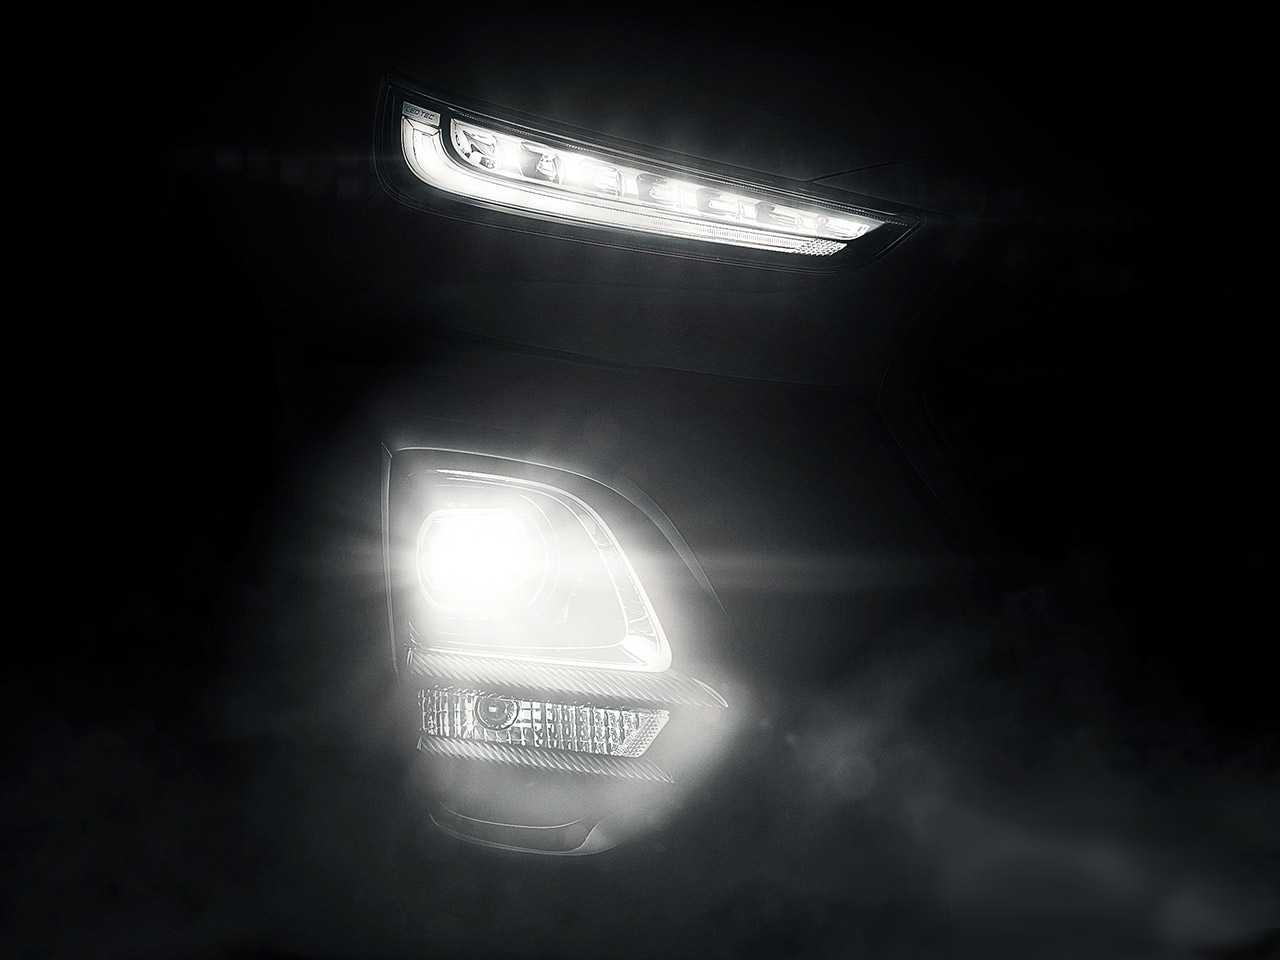 Teaser da CAOA Chery deixa claro: conjunto de iluminação dianteira é o mesmo do Tiggo 3X Plus chinês